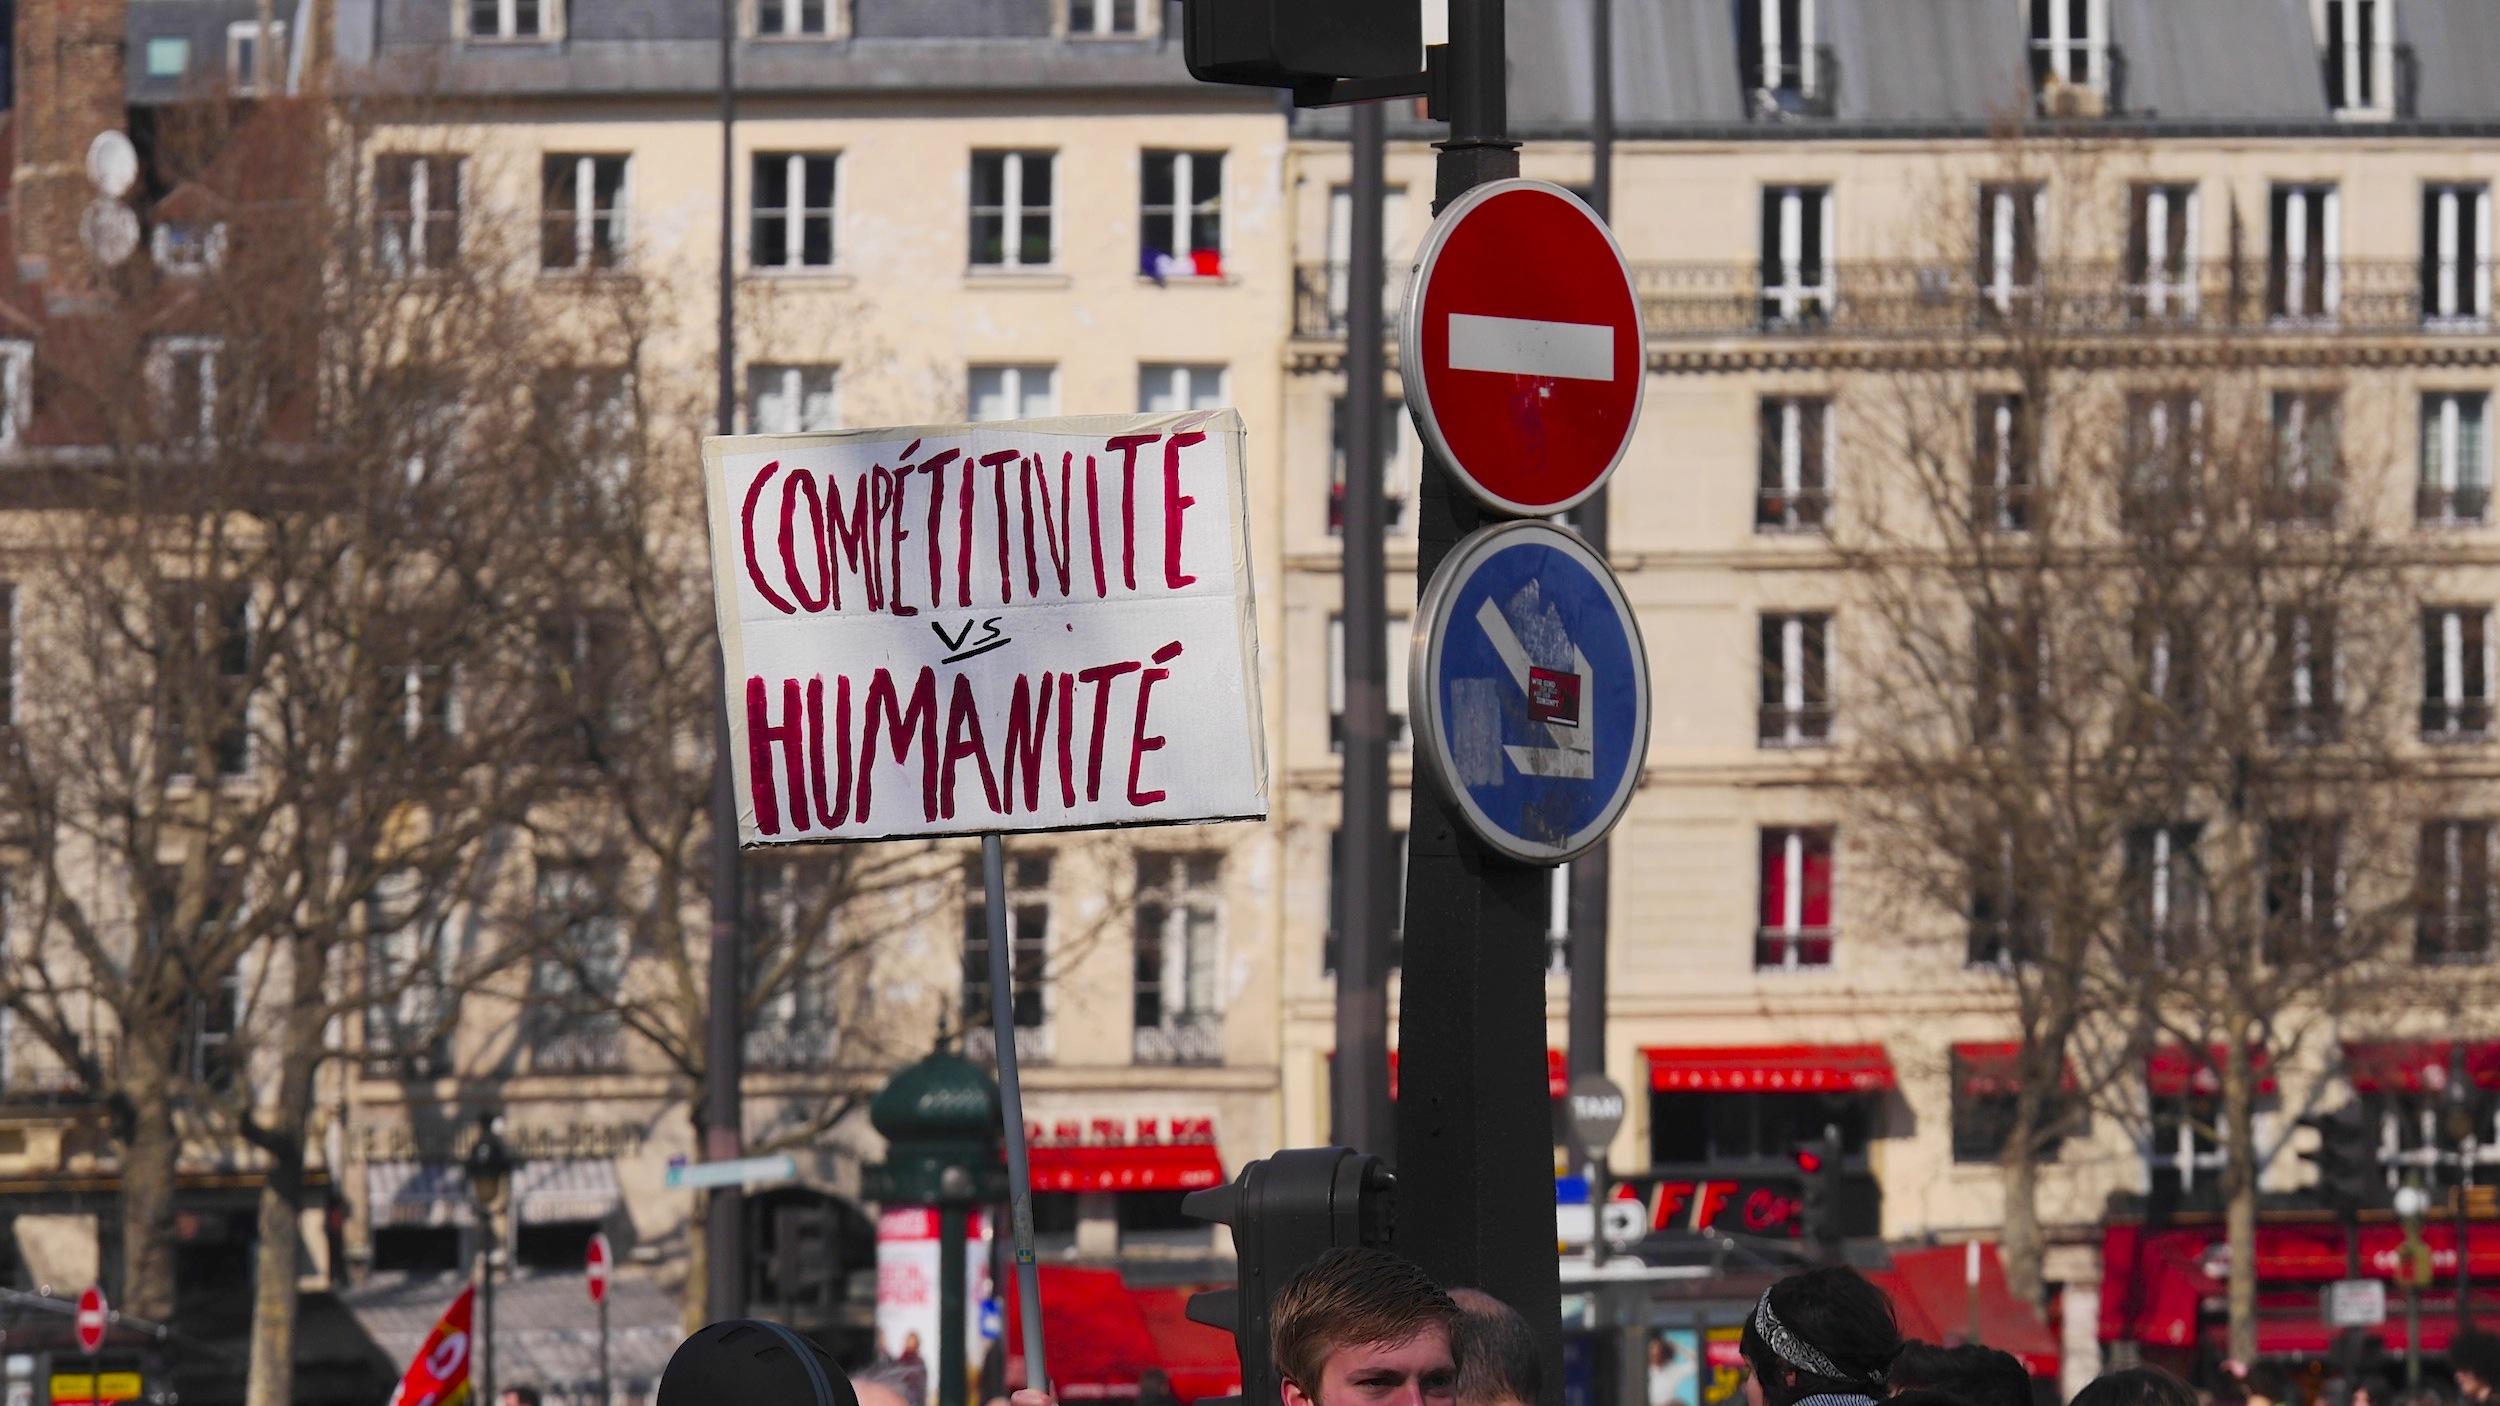 «Compétitivité vs Humanité»